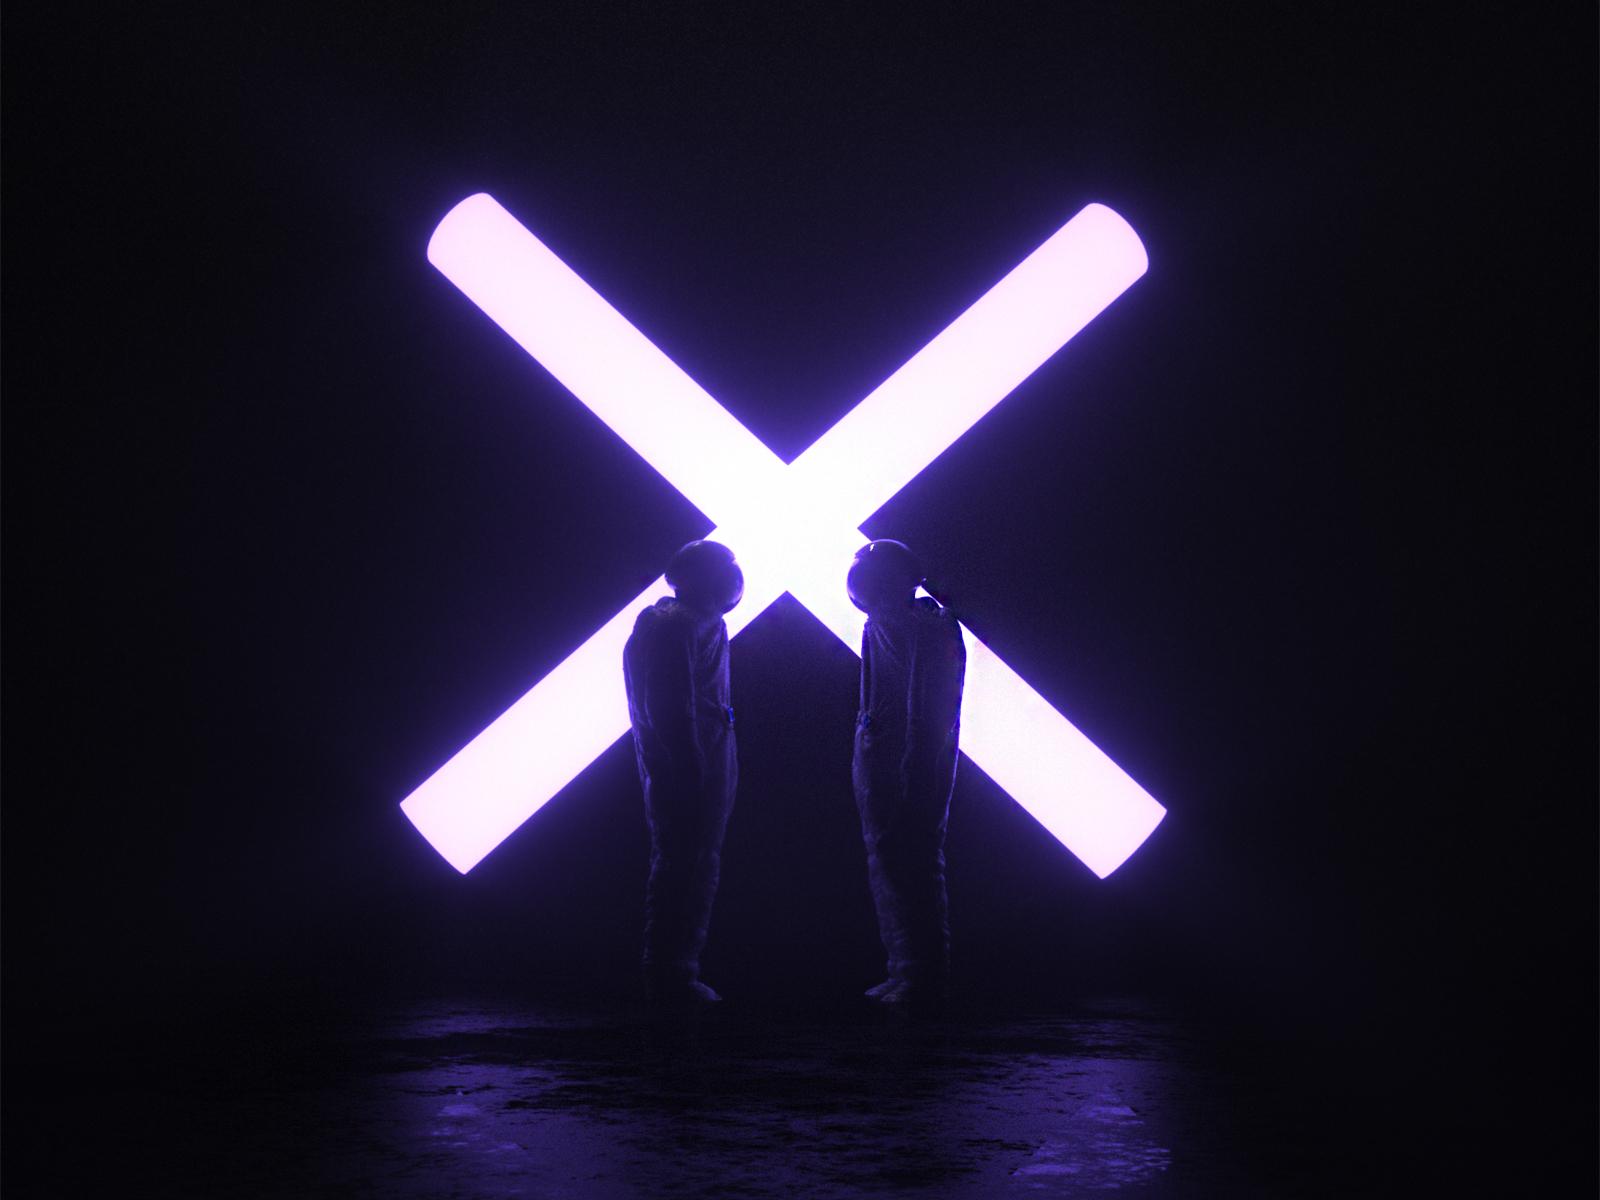 X dribbble 4x